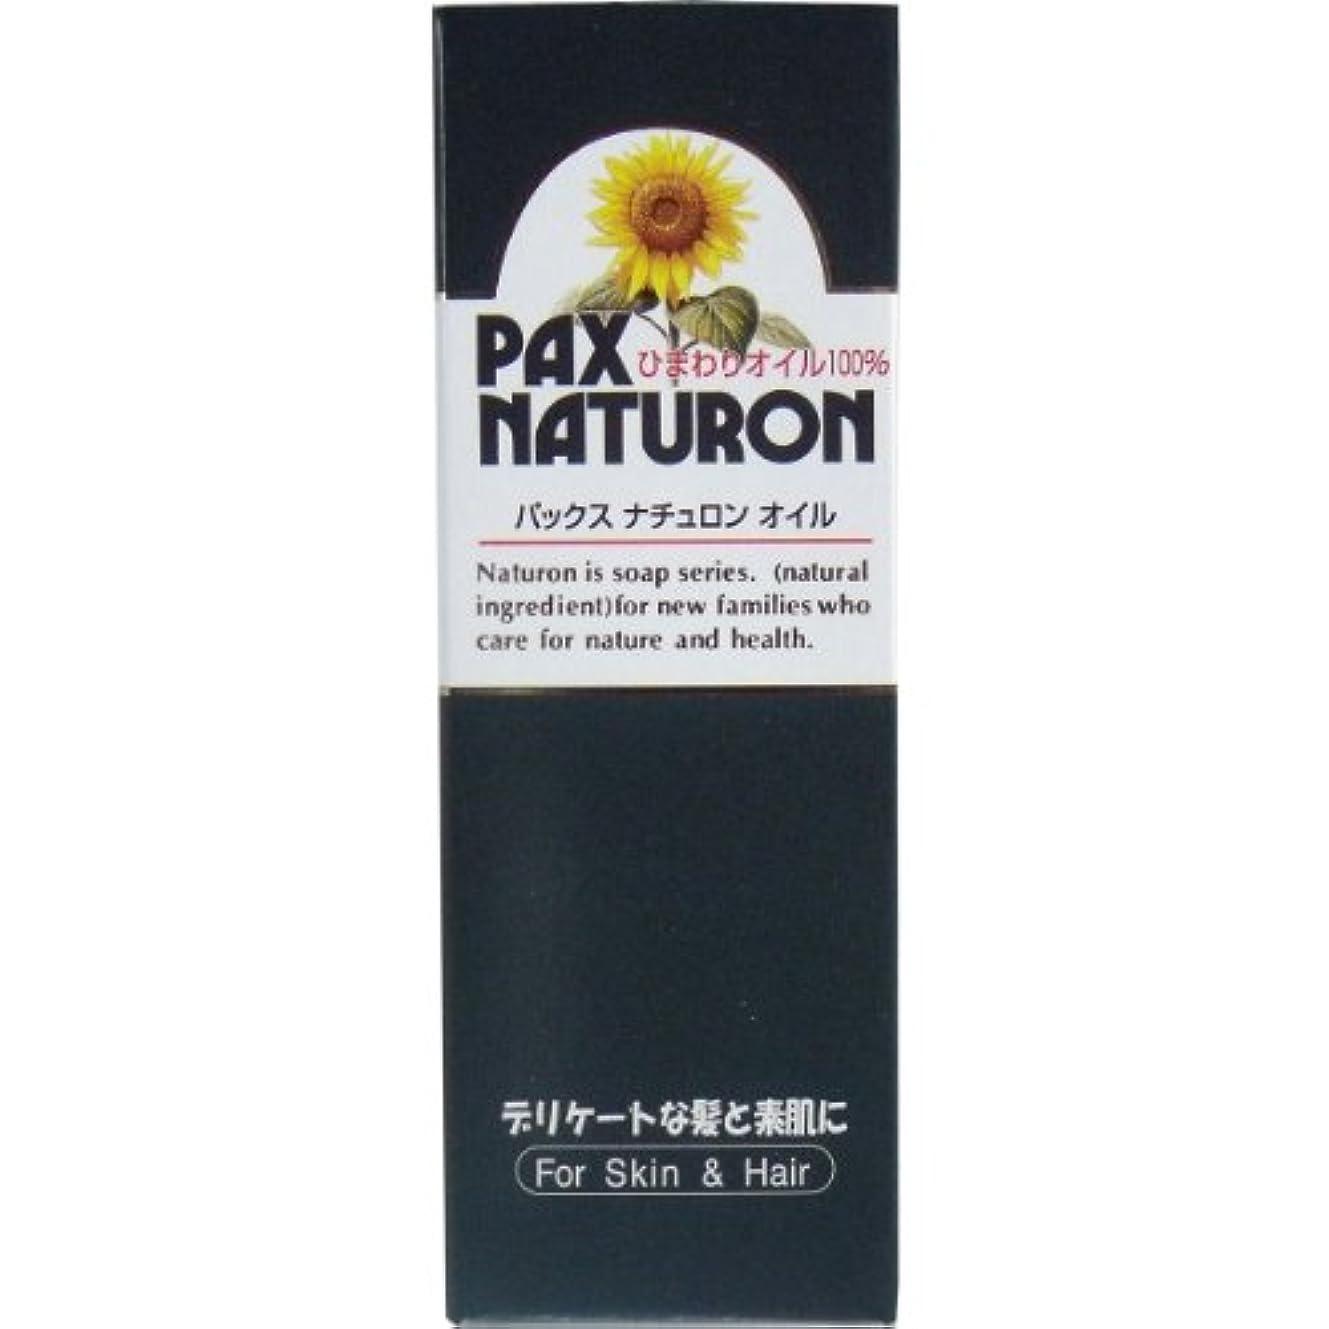 適切に適応シャーロックホームズパックスナチュロン オイル (ひまわりオイル100%) 60mL 太陽油脂